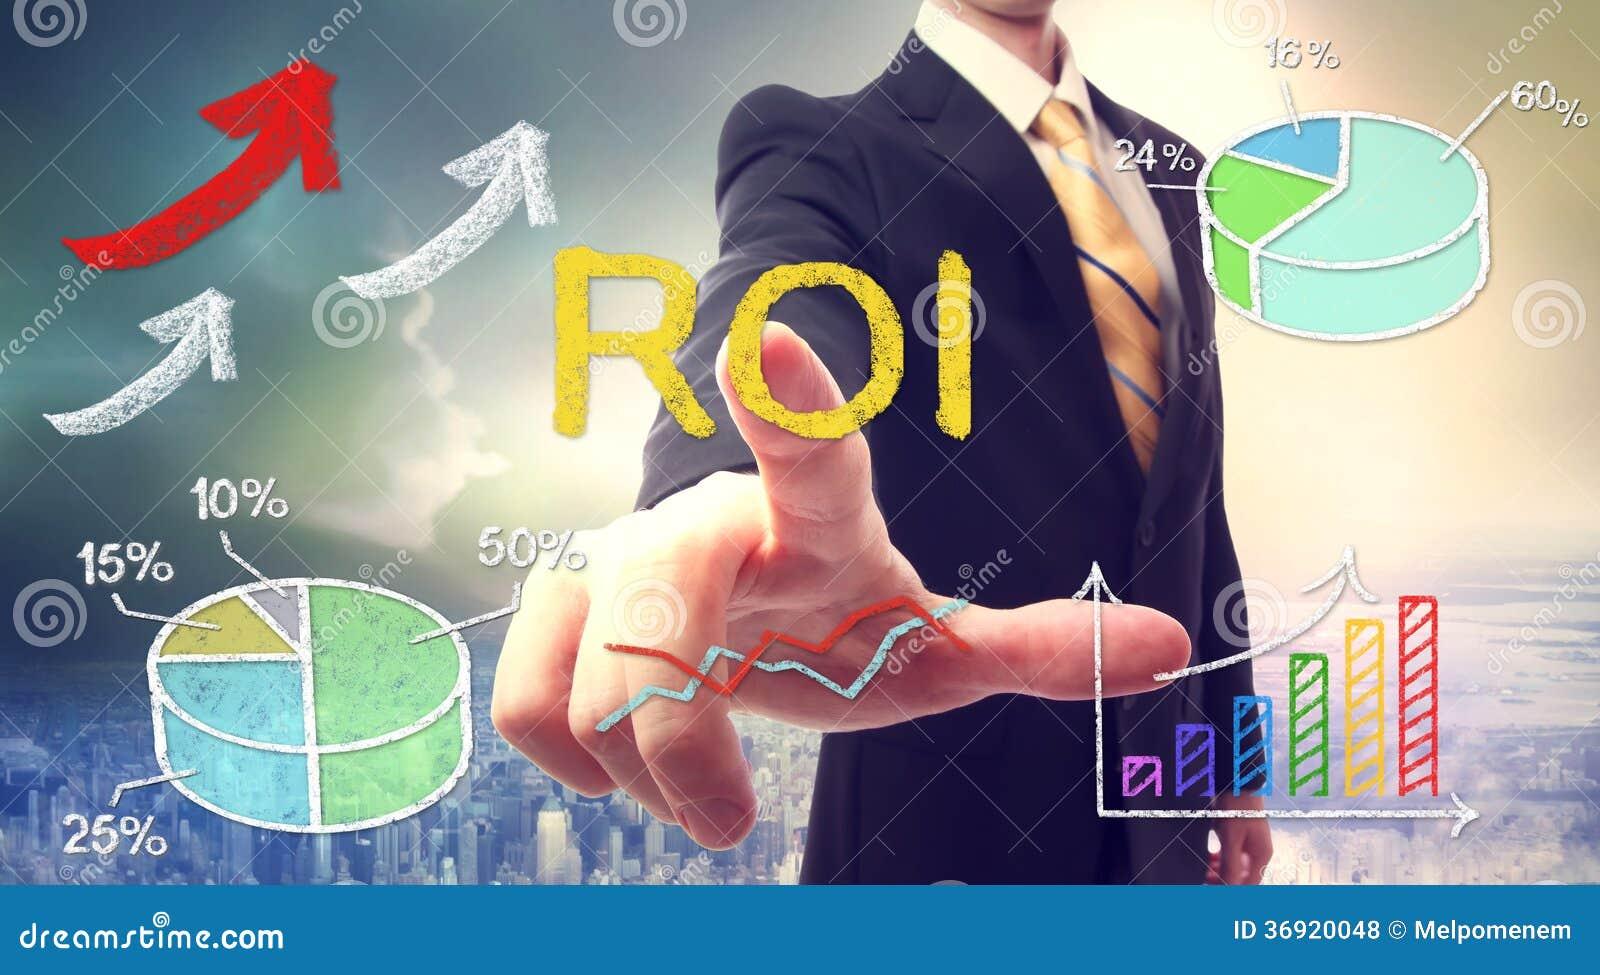 Affärsman som trycker på ROI (retur på investering)